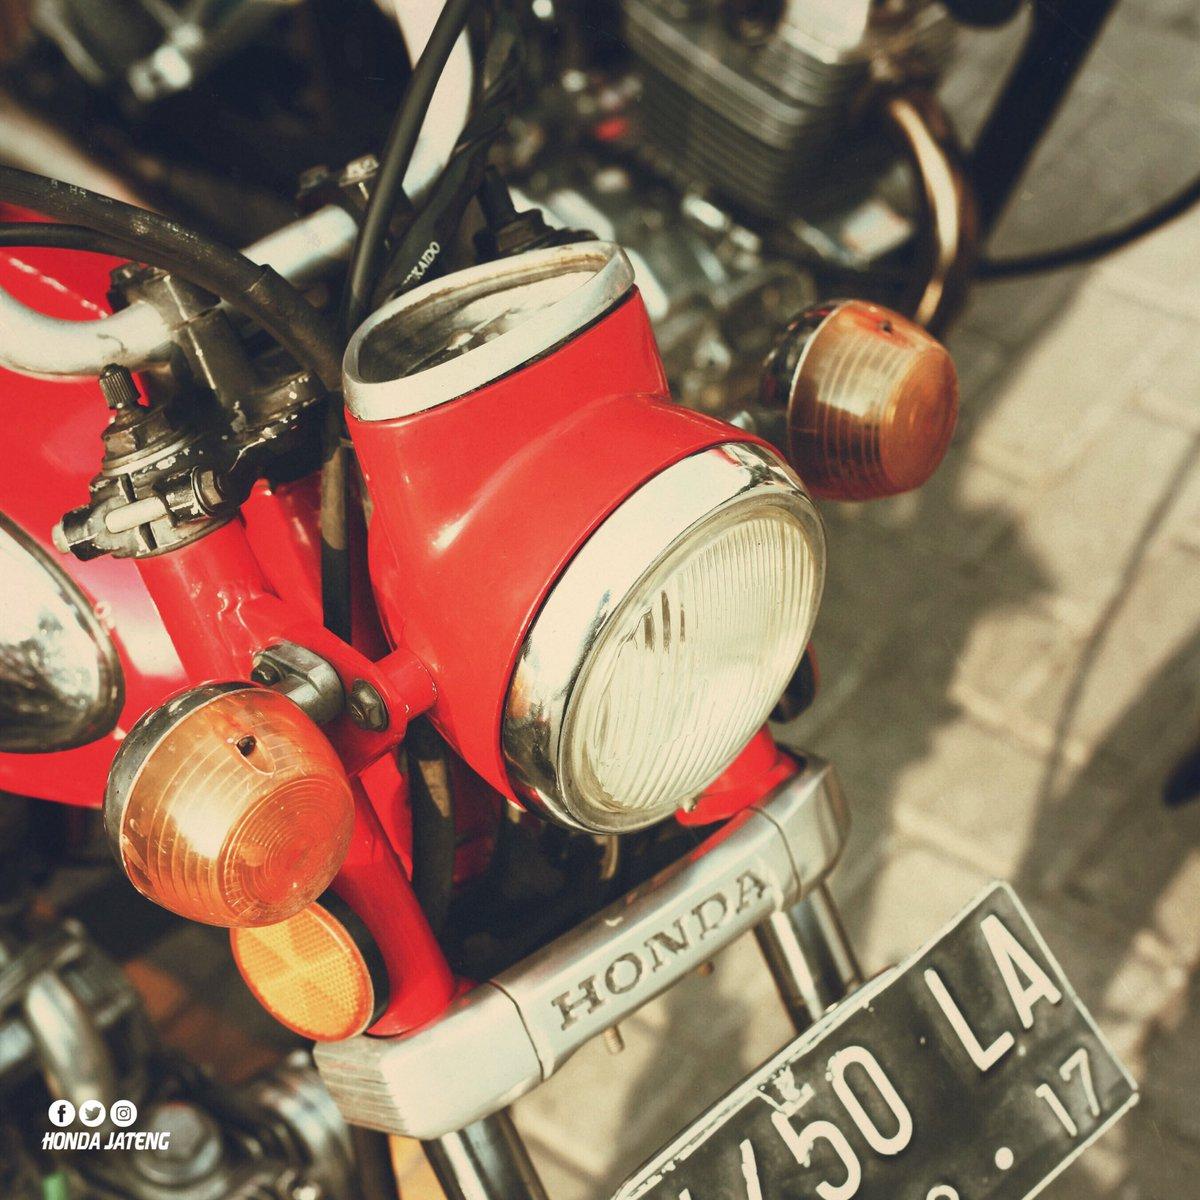 Hondajateng Photos And Hastag Tags Trend Topic Cb150 Verza Cash Wheel Bold Red Jepara Honda Central Java Makin Tua Mempesona Btw Masih Ada Ga Nih Yang Pakai Motor Klasik Untuk Aktivitas Sehari Hari Kapan2 Kita Riding Bareng